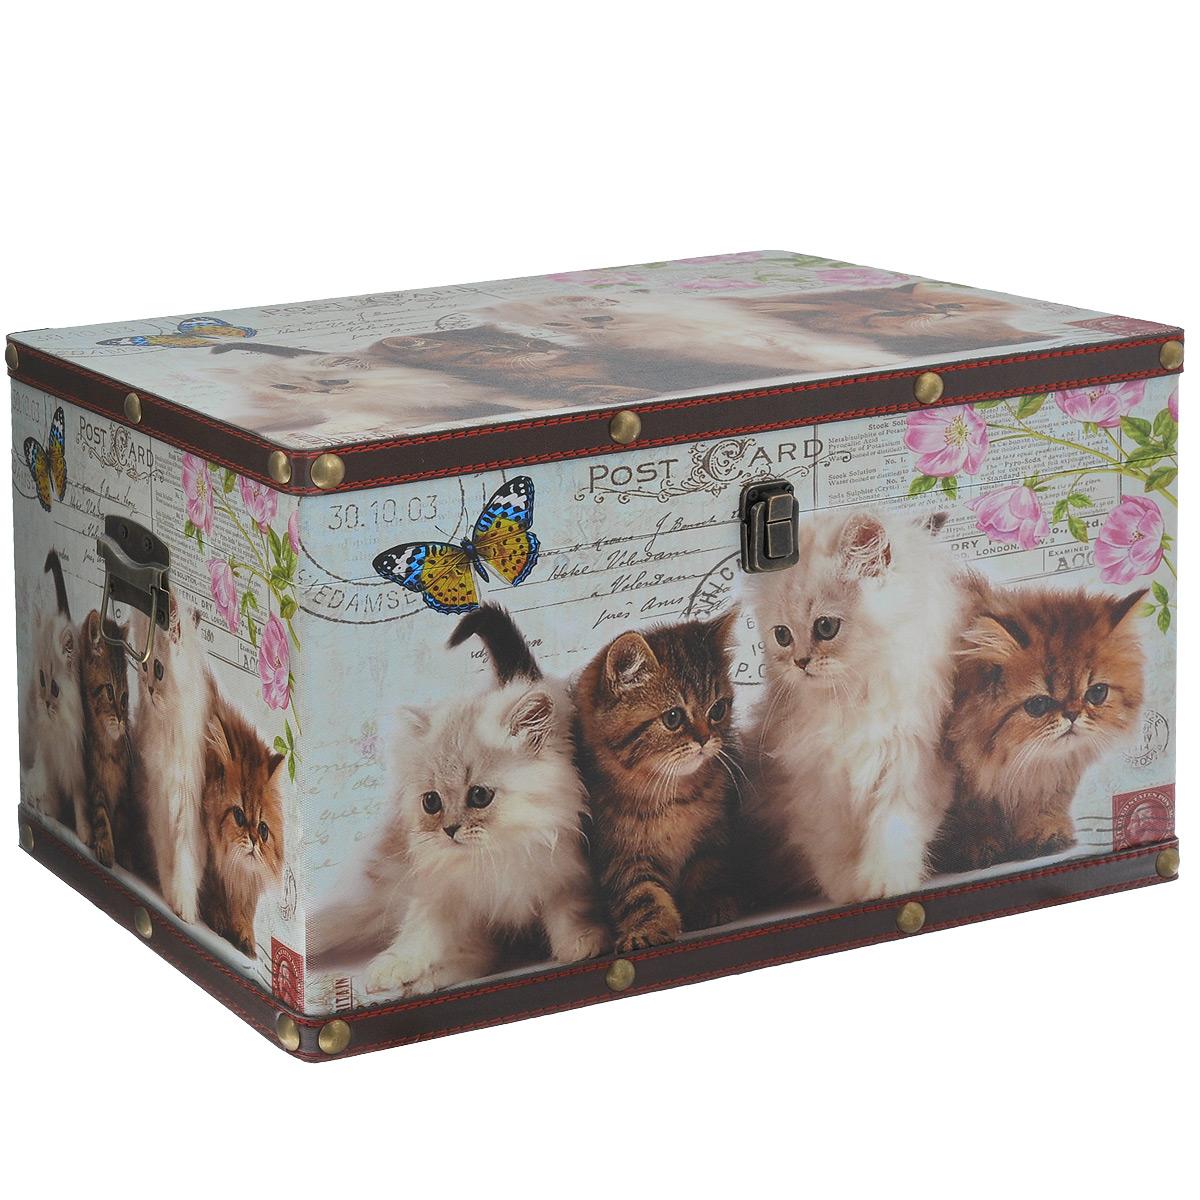 Шкатулка для рукоделия Забавные котята, цвет: коричневый, белый, серыйTL3868MШкатулка Забавные котята изготовлена из МДФ, картона и холщовой ткани и оснащена крышкой. Изделие декорировано изображением котят. Крышка закрывается на металлический замочек-защелку. Внутри шкатулка обтянута тканью коричневого цвета. Изящная шкатулка с ярким дизайном предназначена для хранения мелочей, принадлежностей для шитья и творчества и других аксессуаров. Она красиво оформит интерьер комнаты и поможет хранить ваши вещи в порядке.